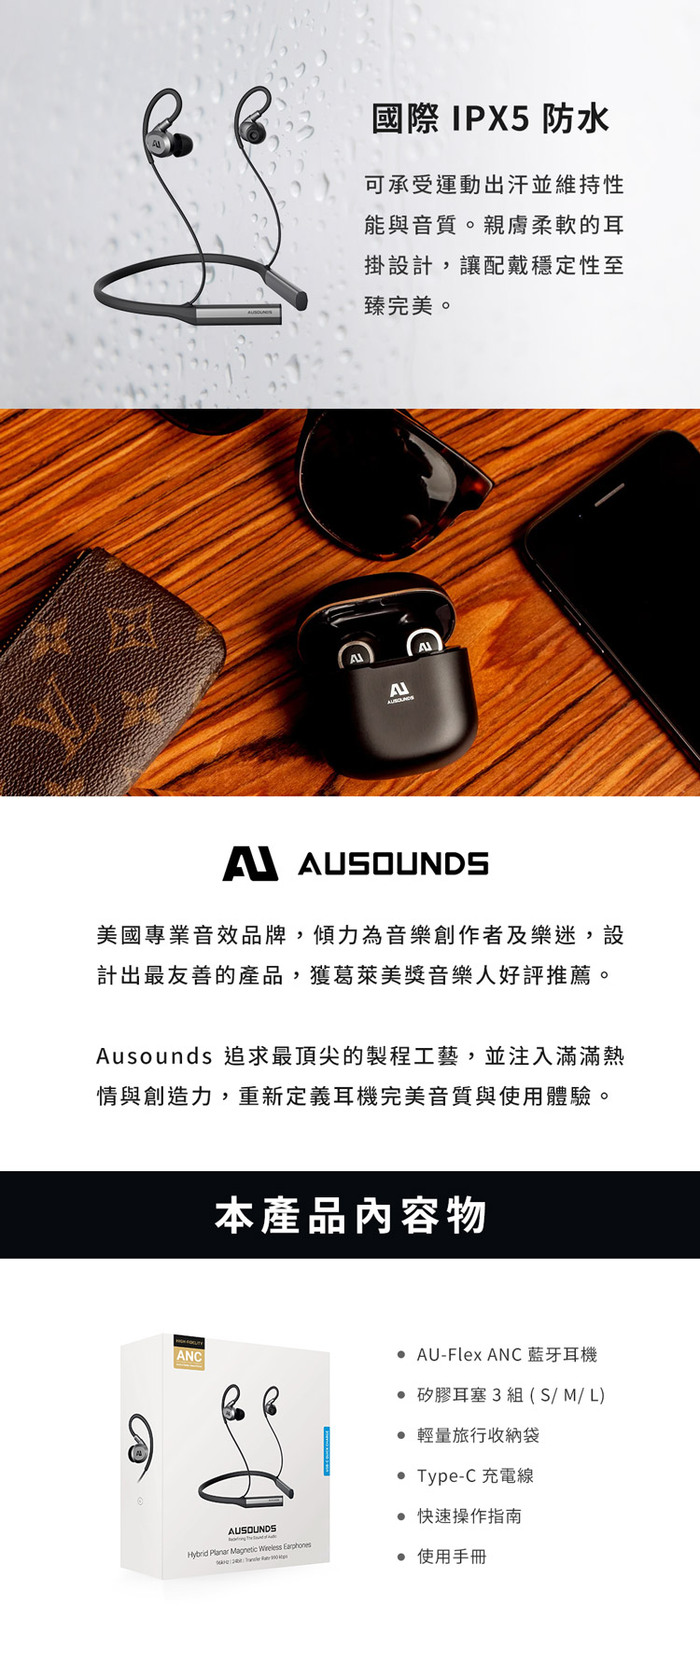 Ausounds|AU-Flex ANC 降噪藍牙耳機